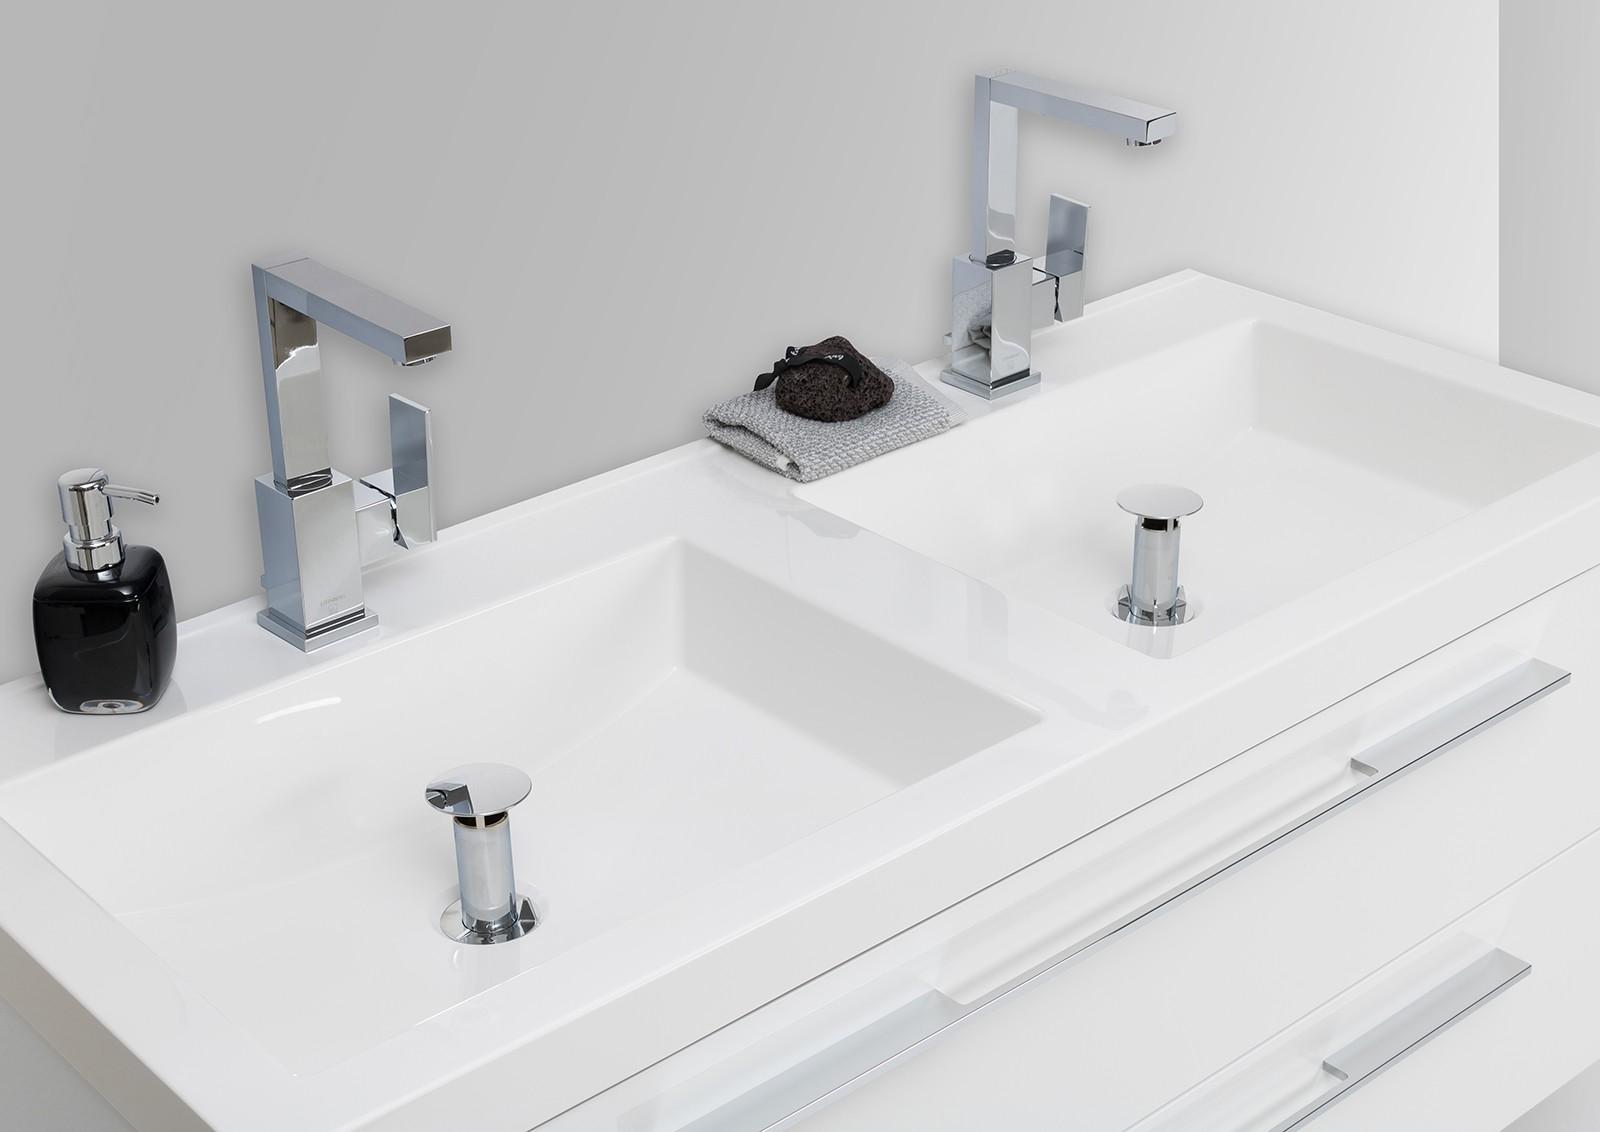 badm bel set doppelwaschtisch 120 cm evermite mit unterschrank intarbad. Black Bedroom Furniture Sets. Home Design Ideas